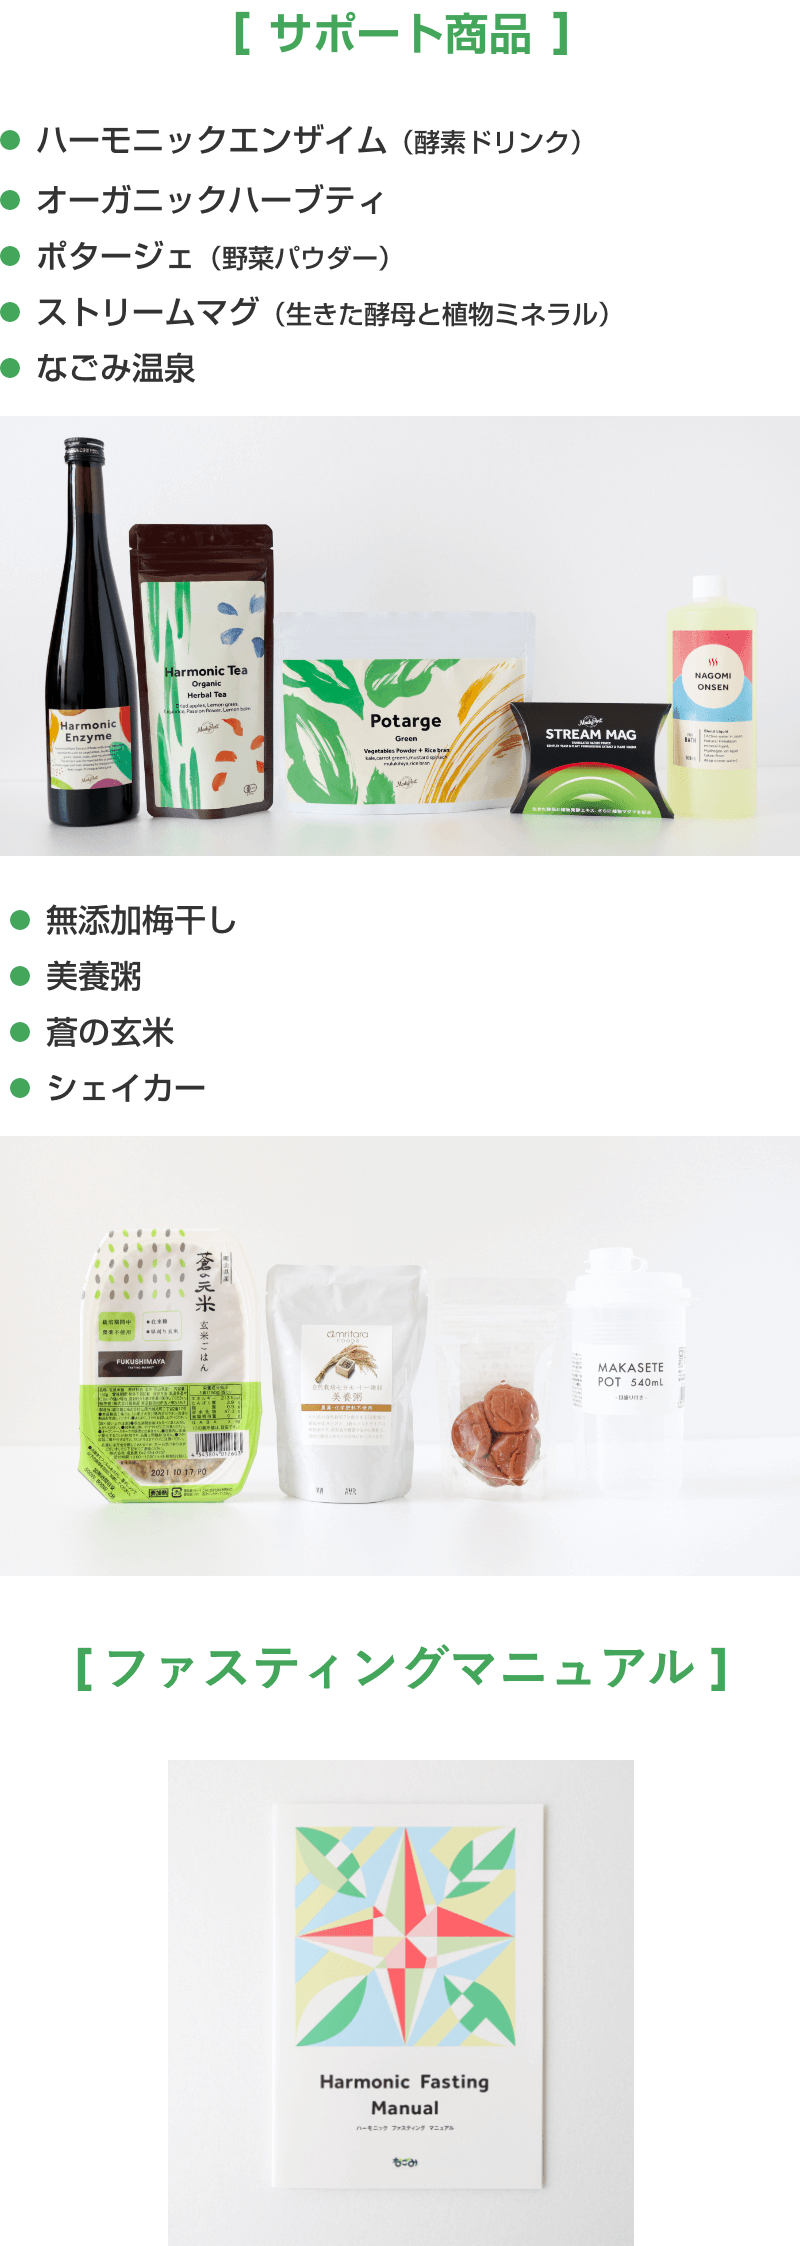 サポート商品